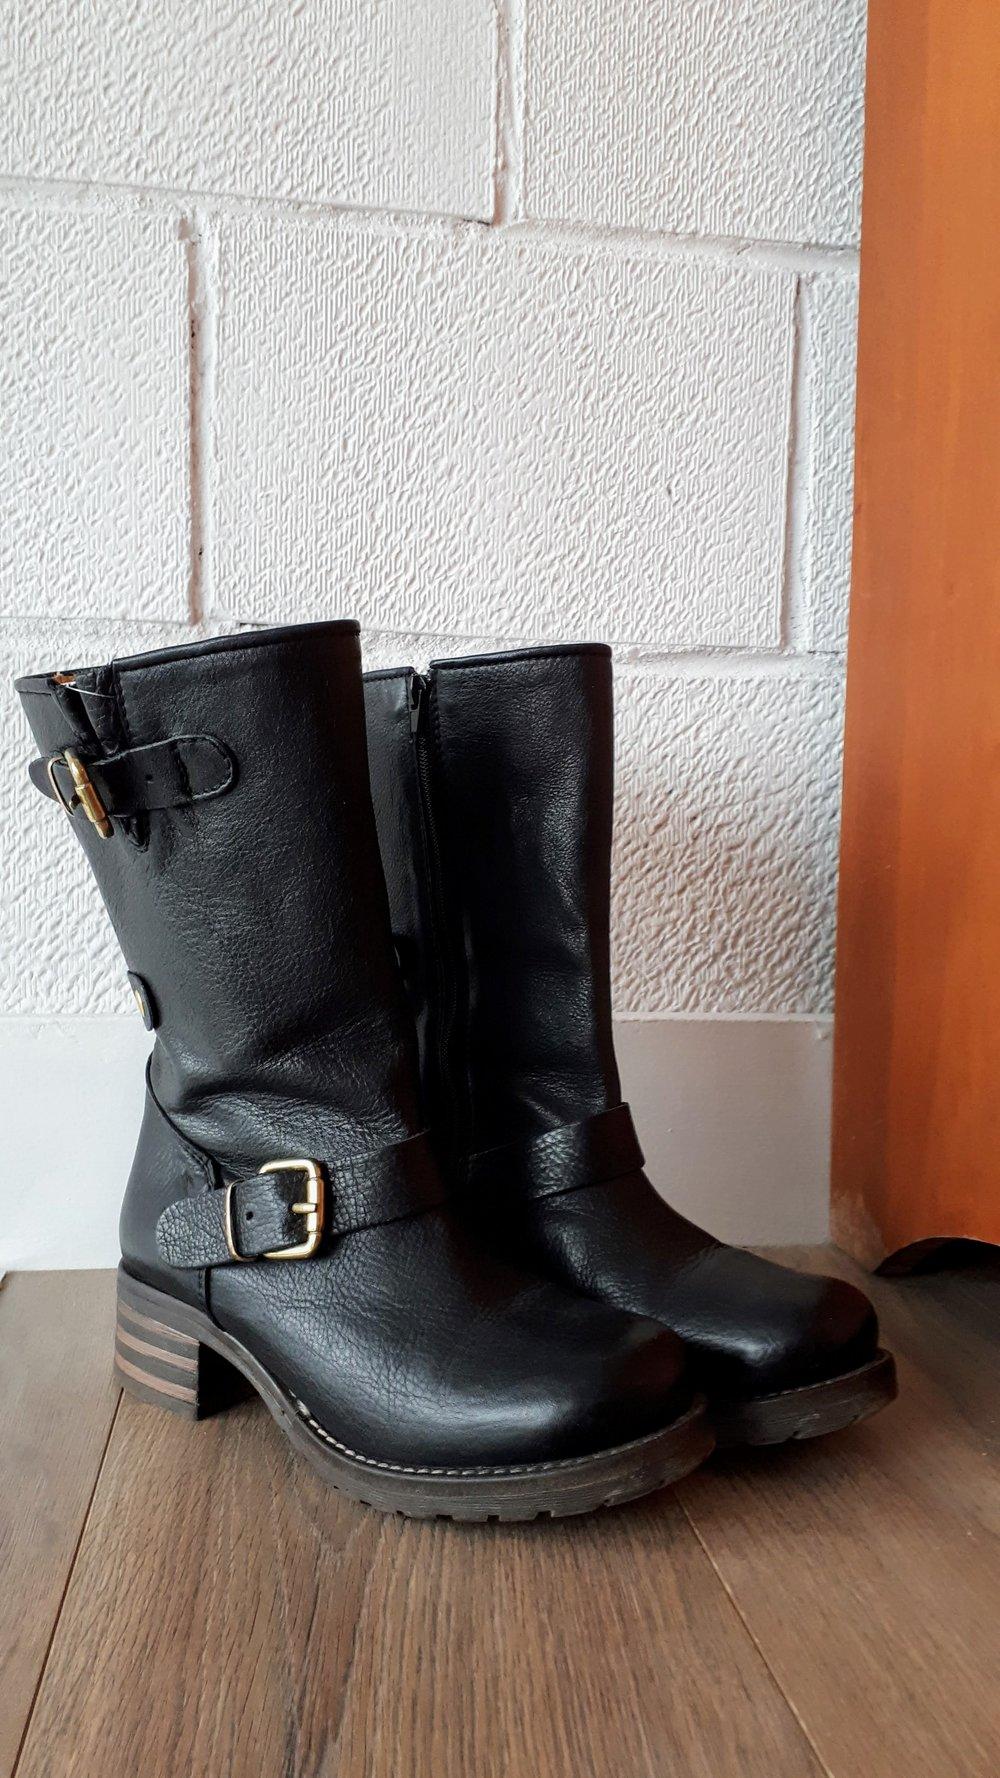 Brako boots; S7.5, $110